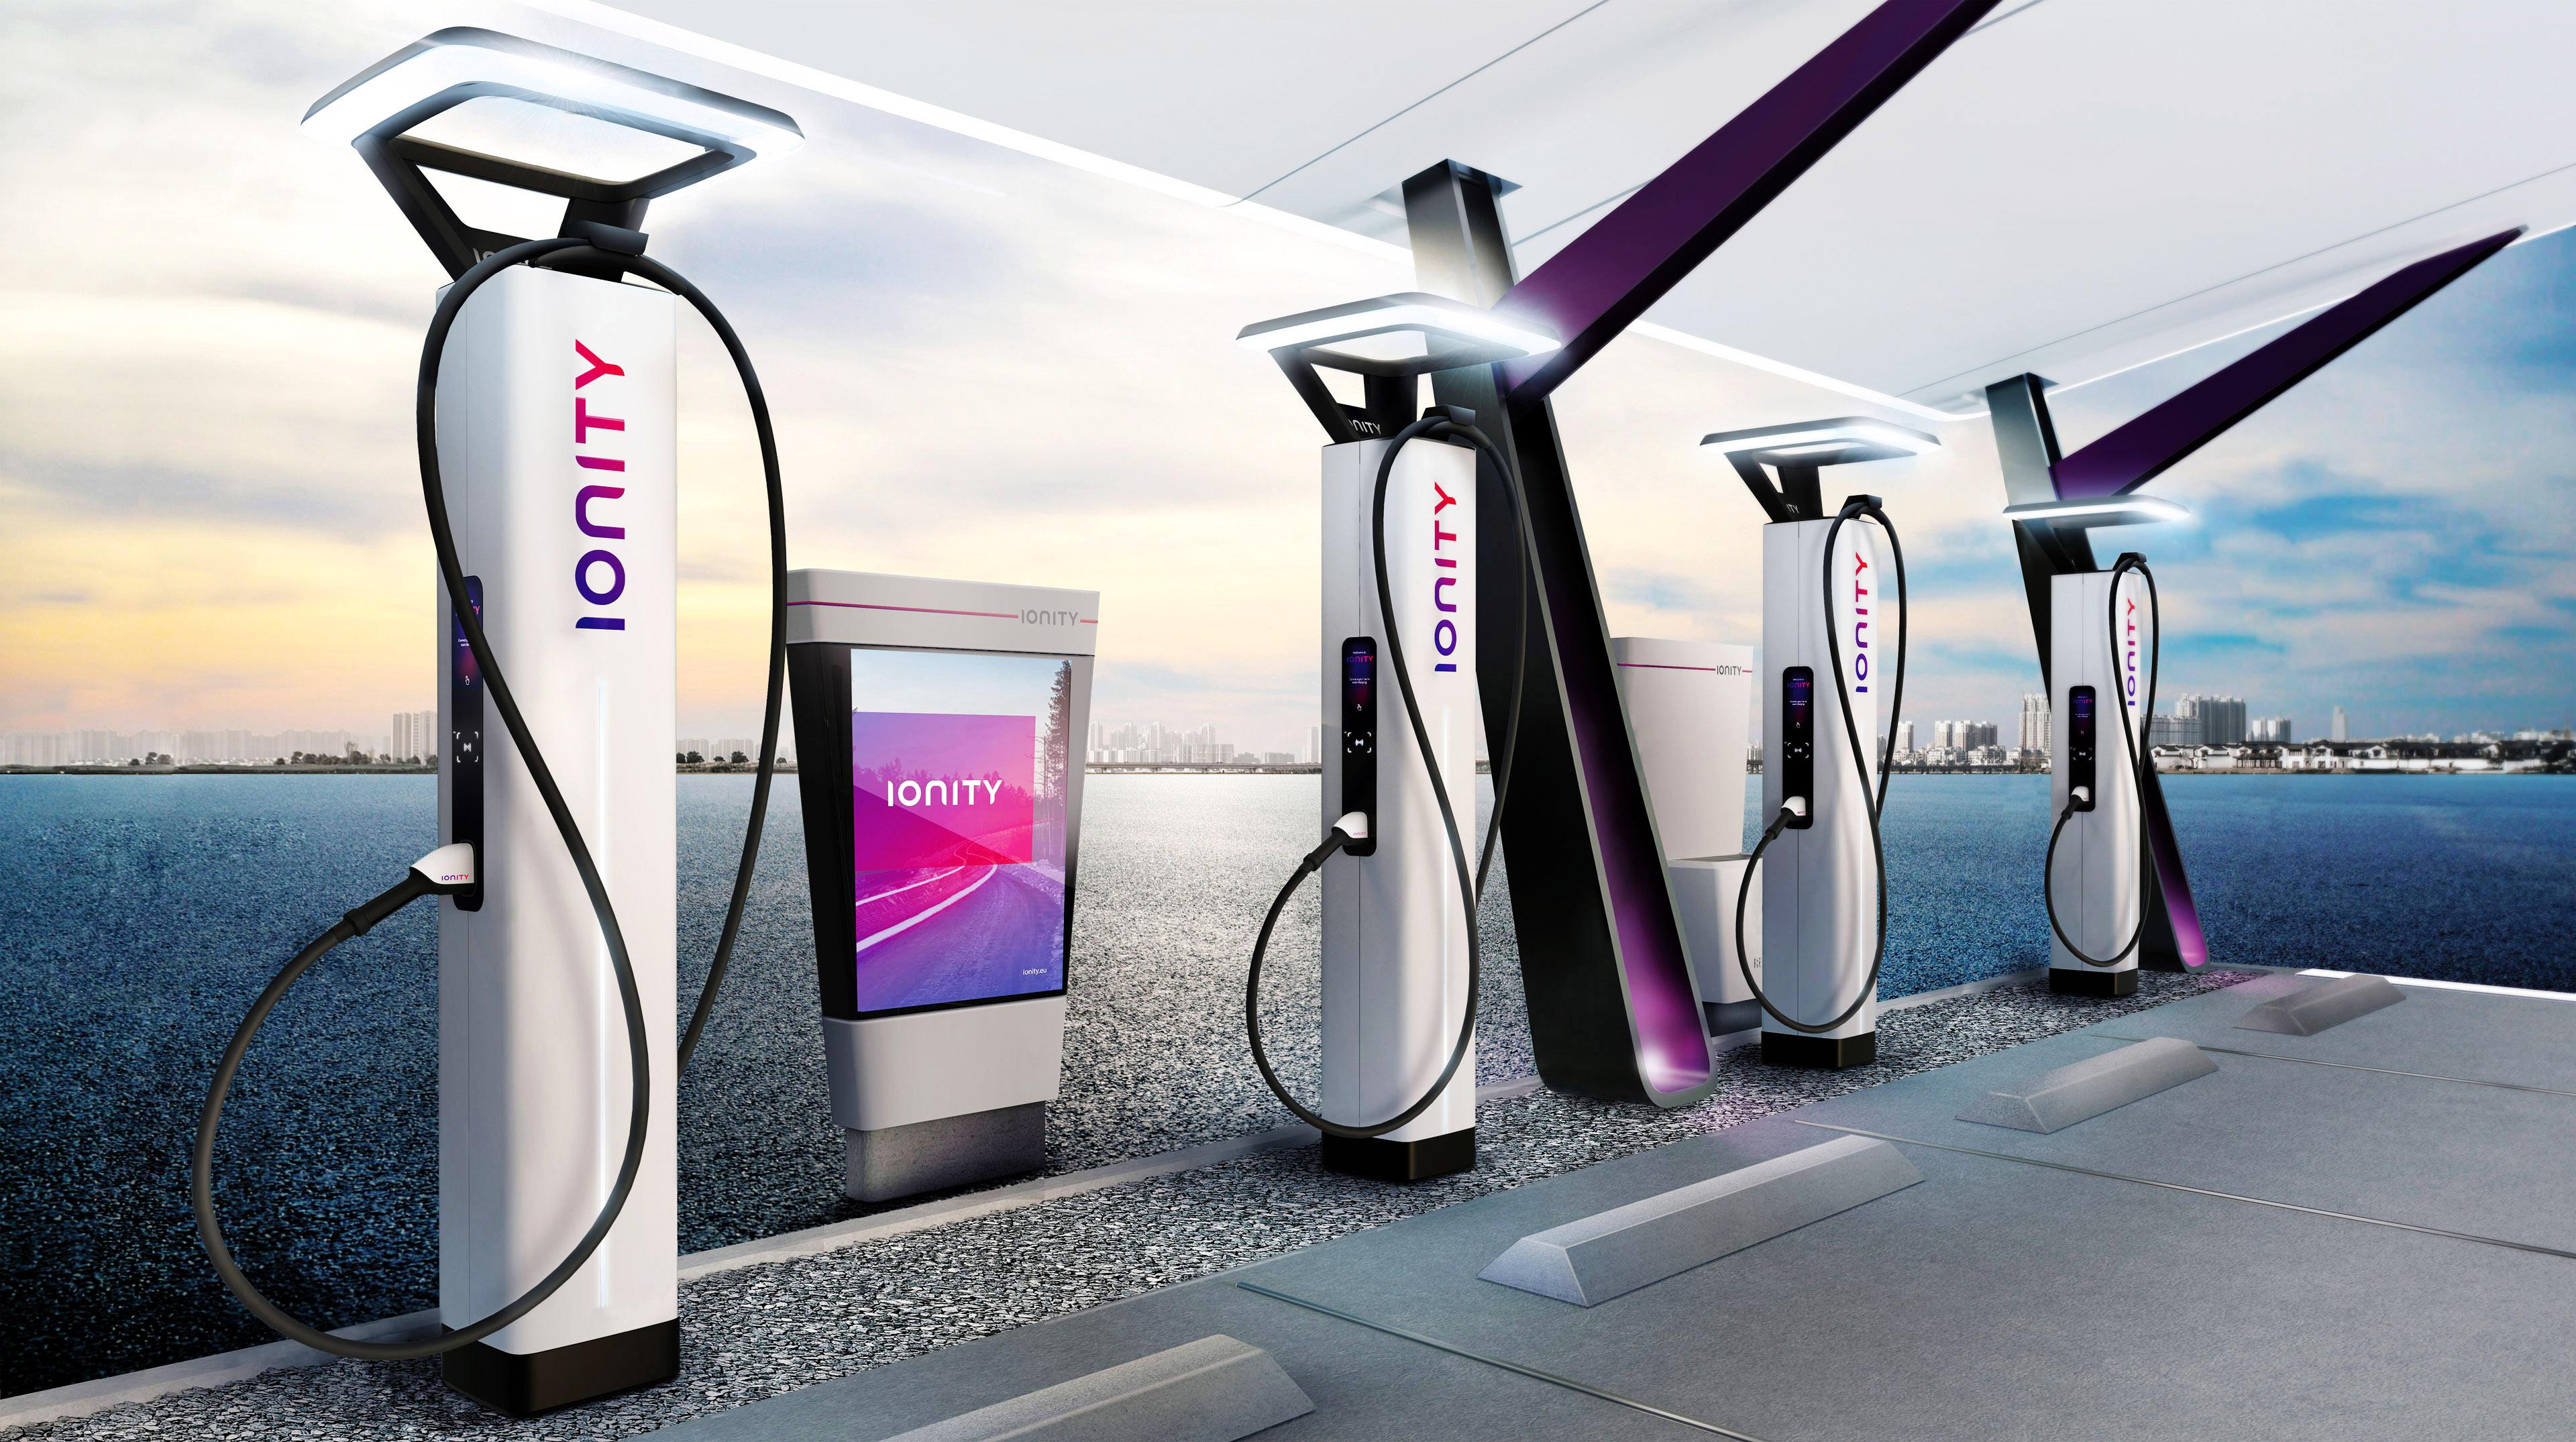 Ionity lance sa fonction Plug & Charge pour faciliter la recharge des voitures électriques